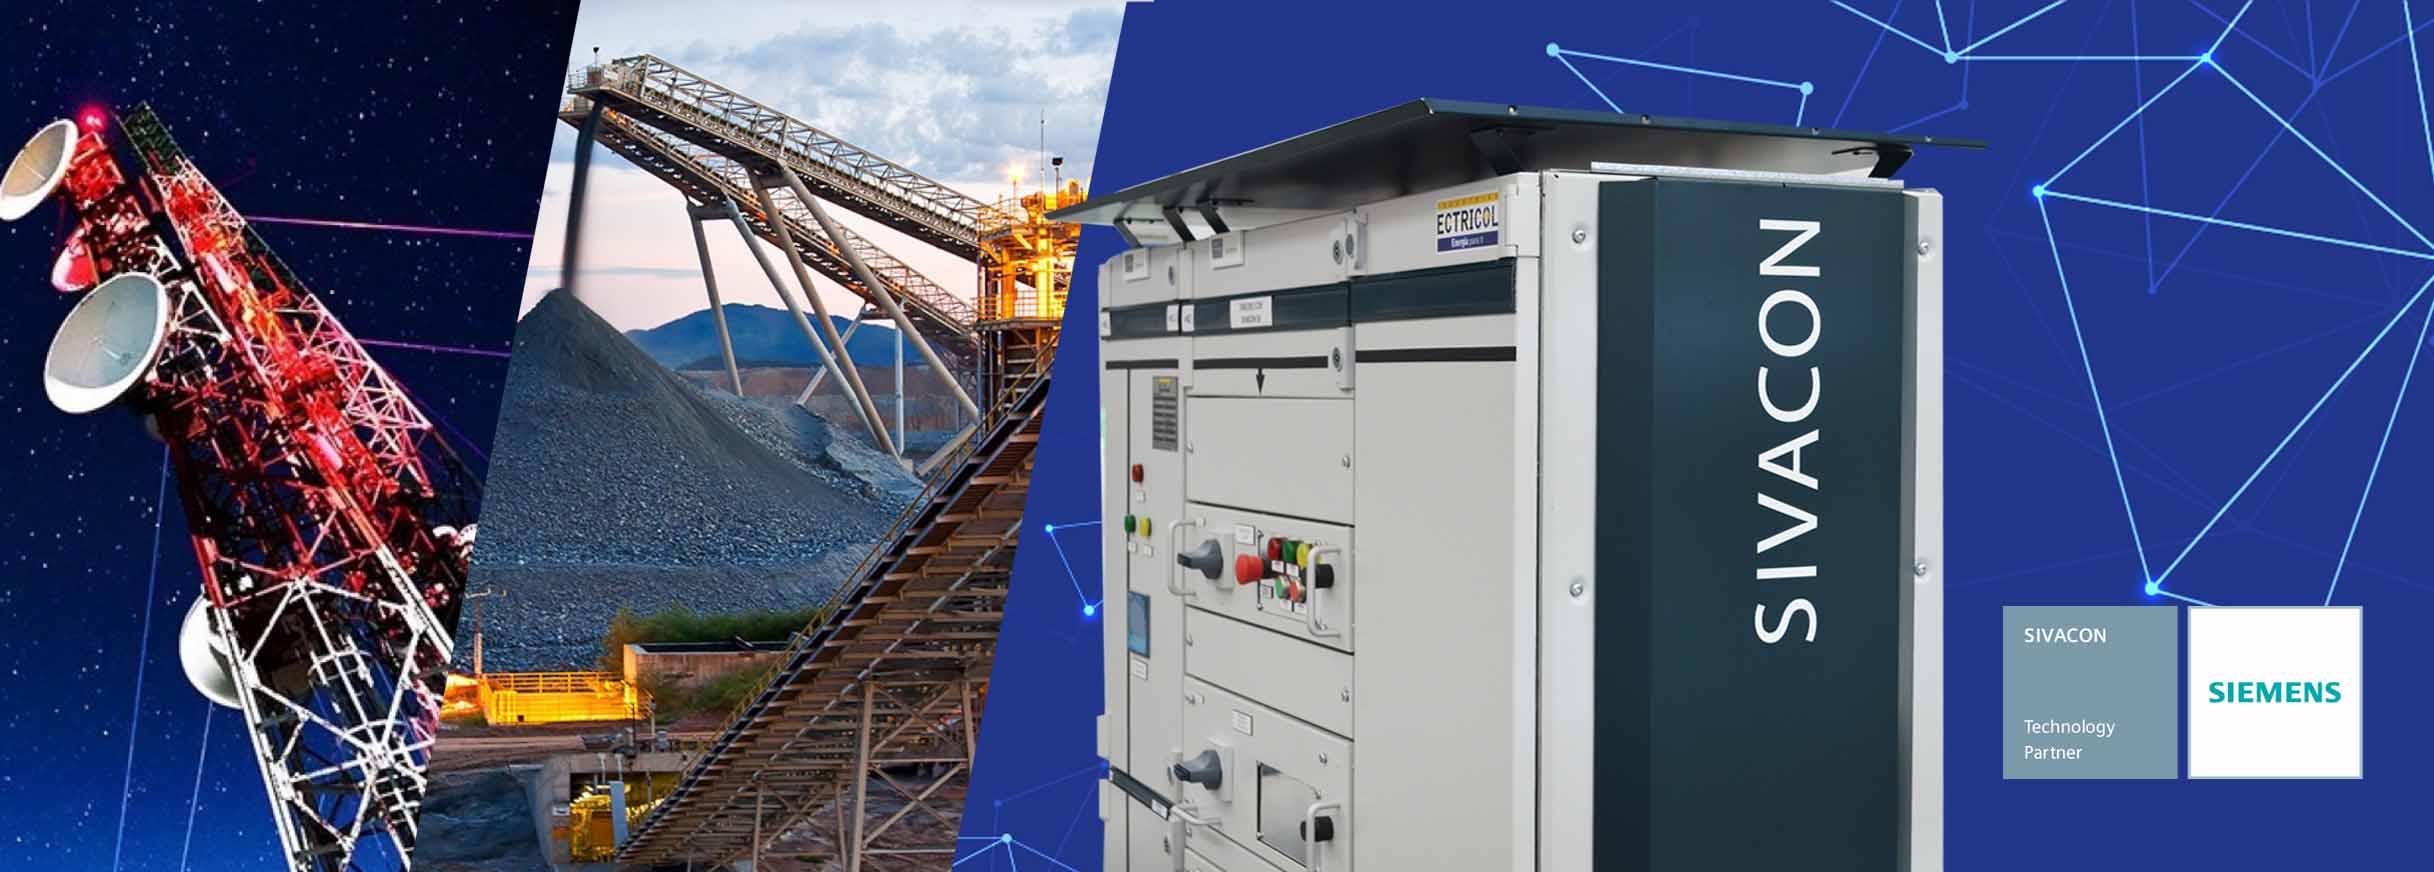 Tecnología Sivacon s8 una solución innovadora